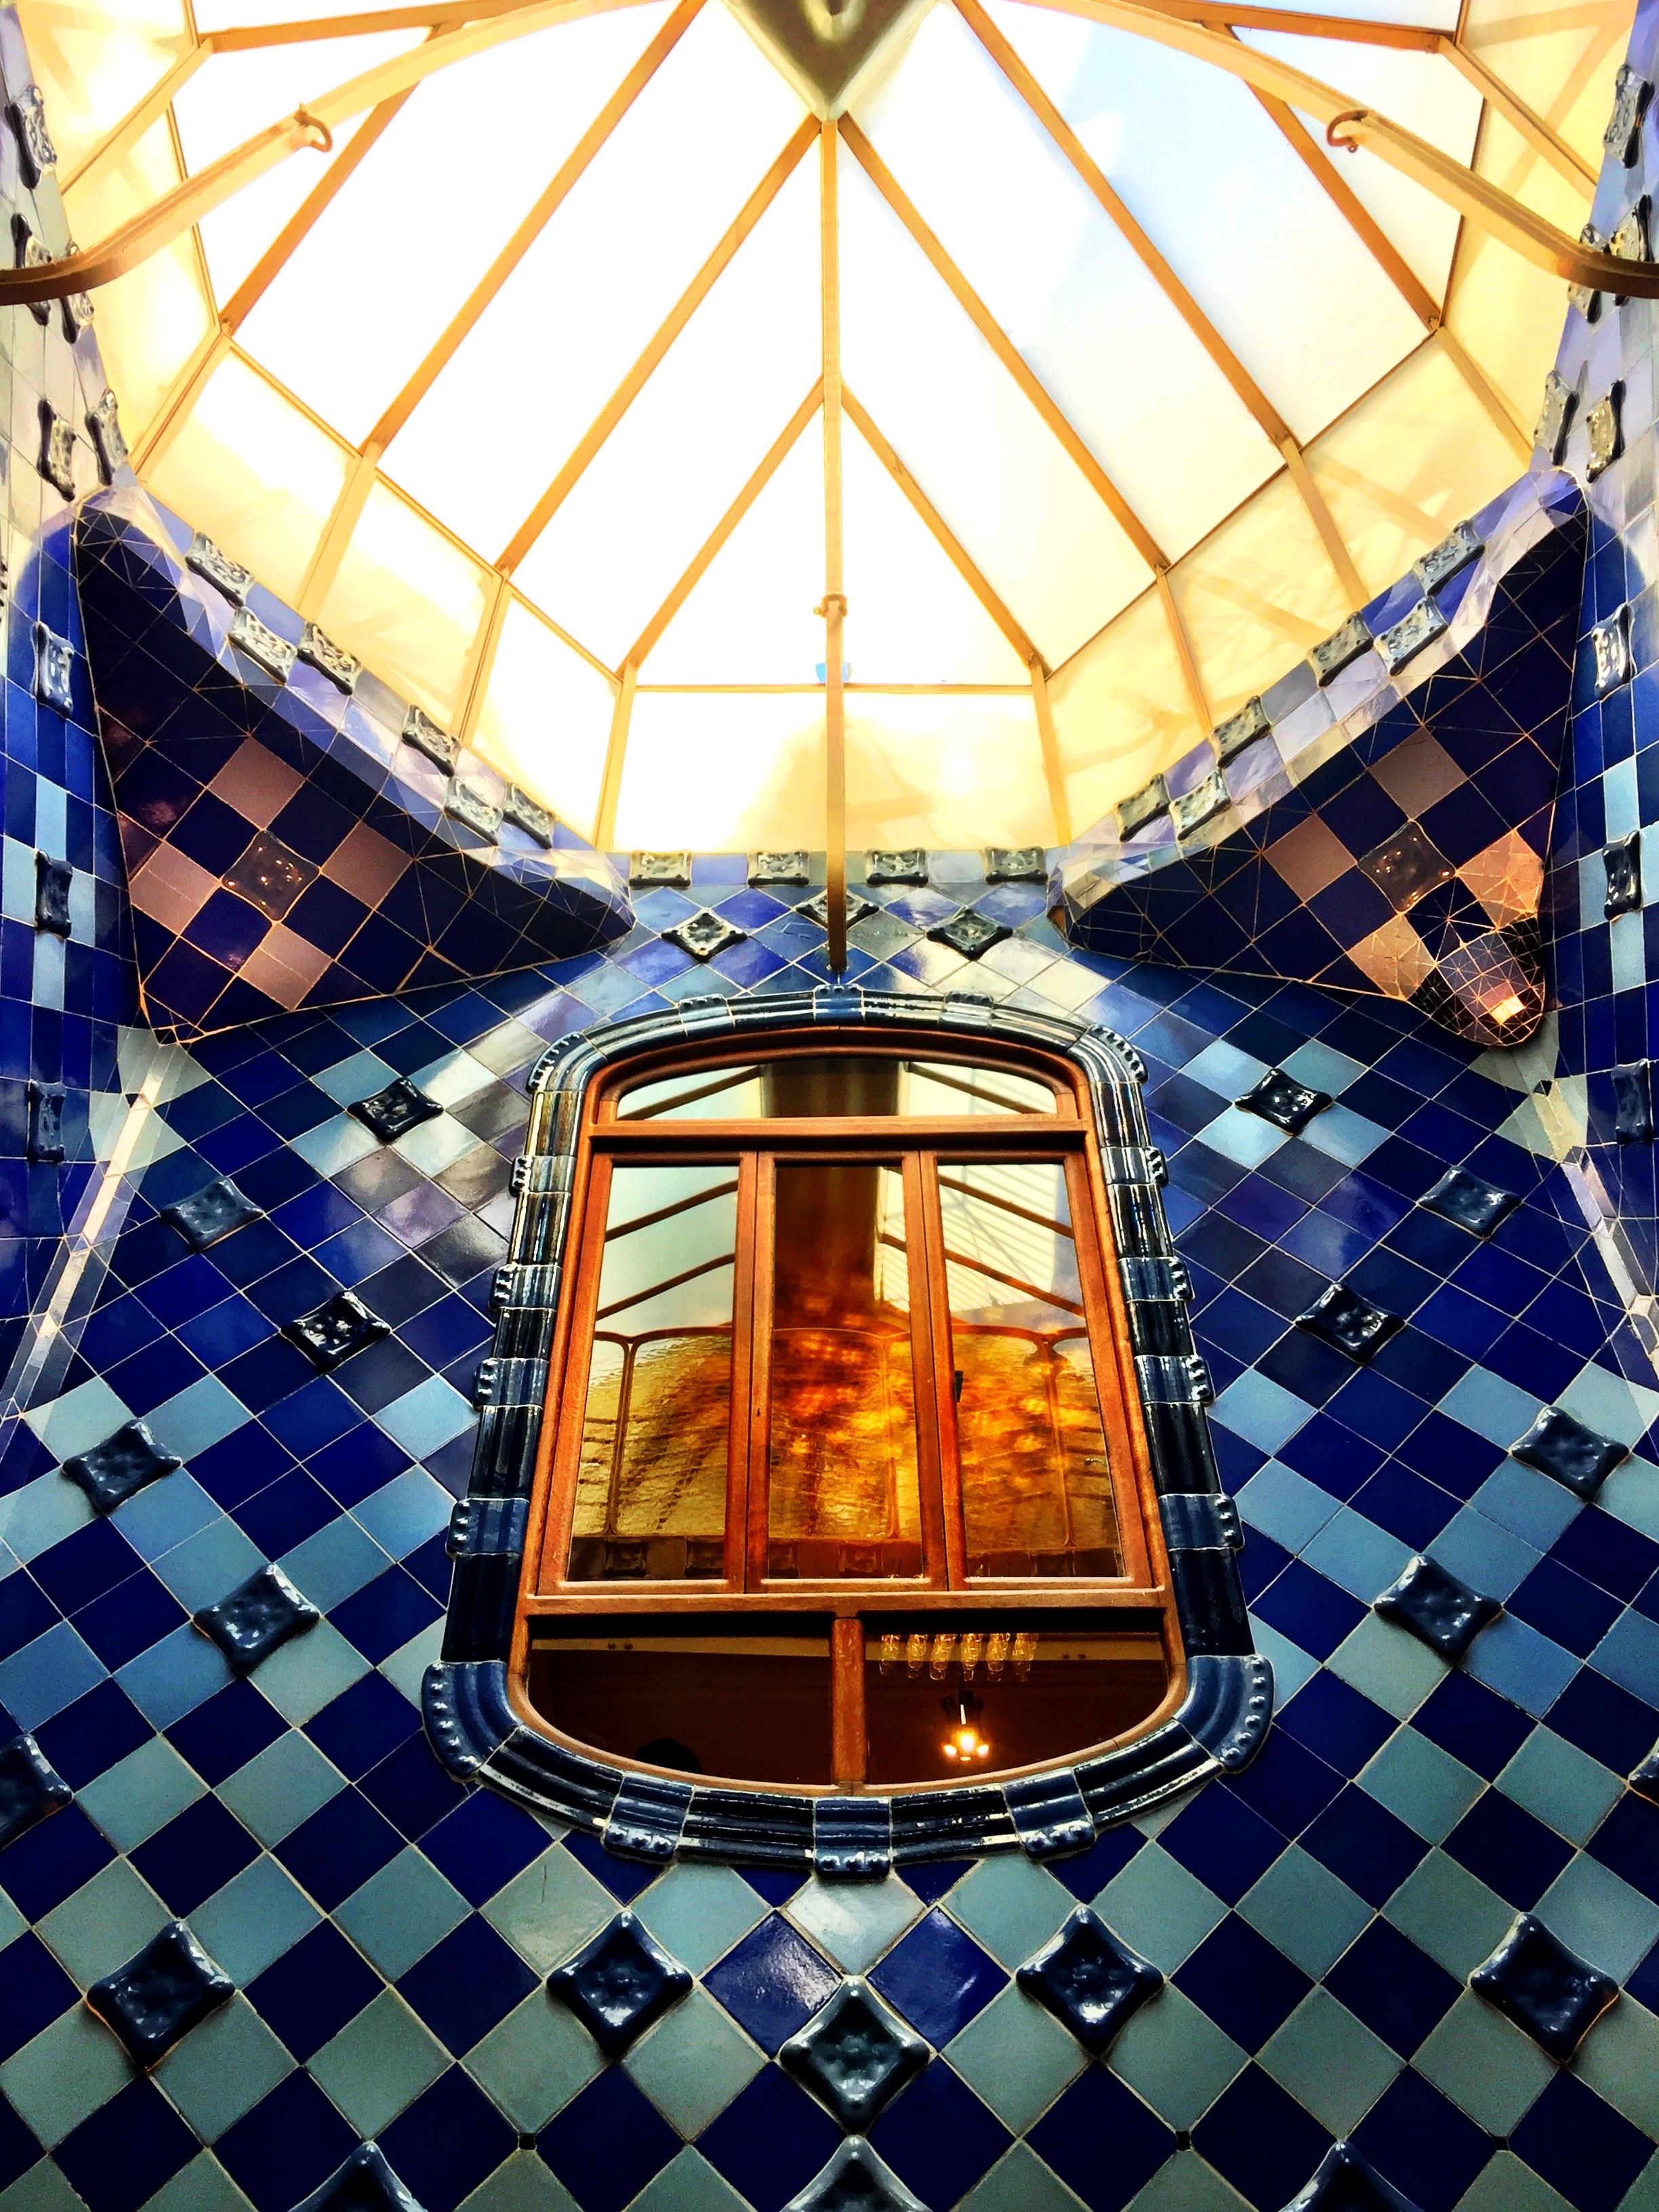 Lightwell at Casa Batllo - Barcelona